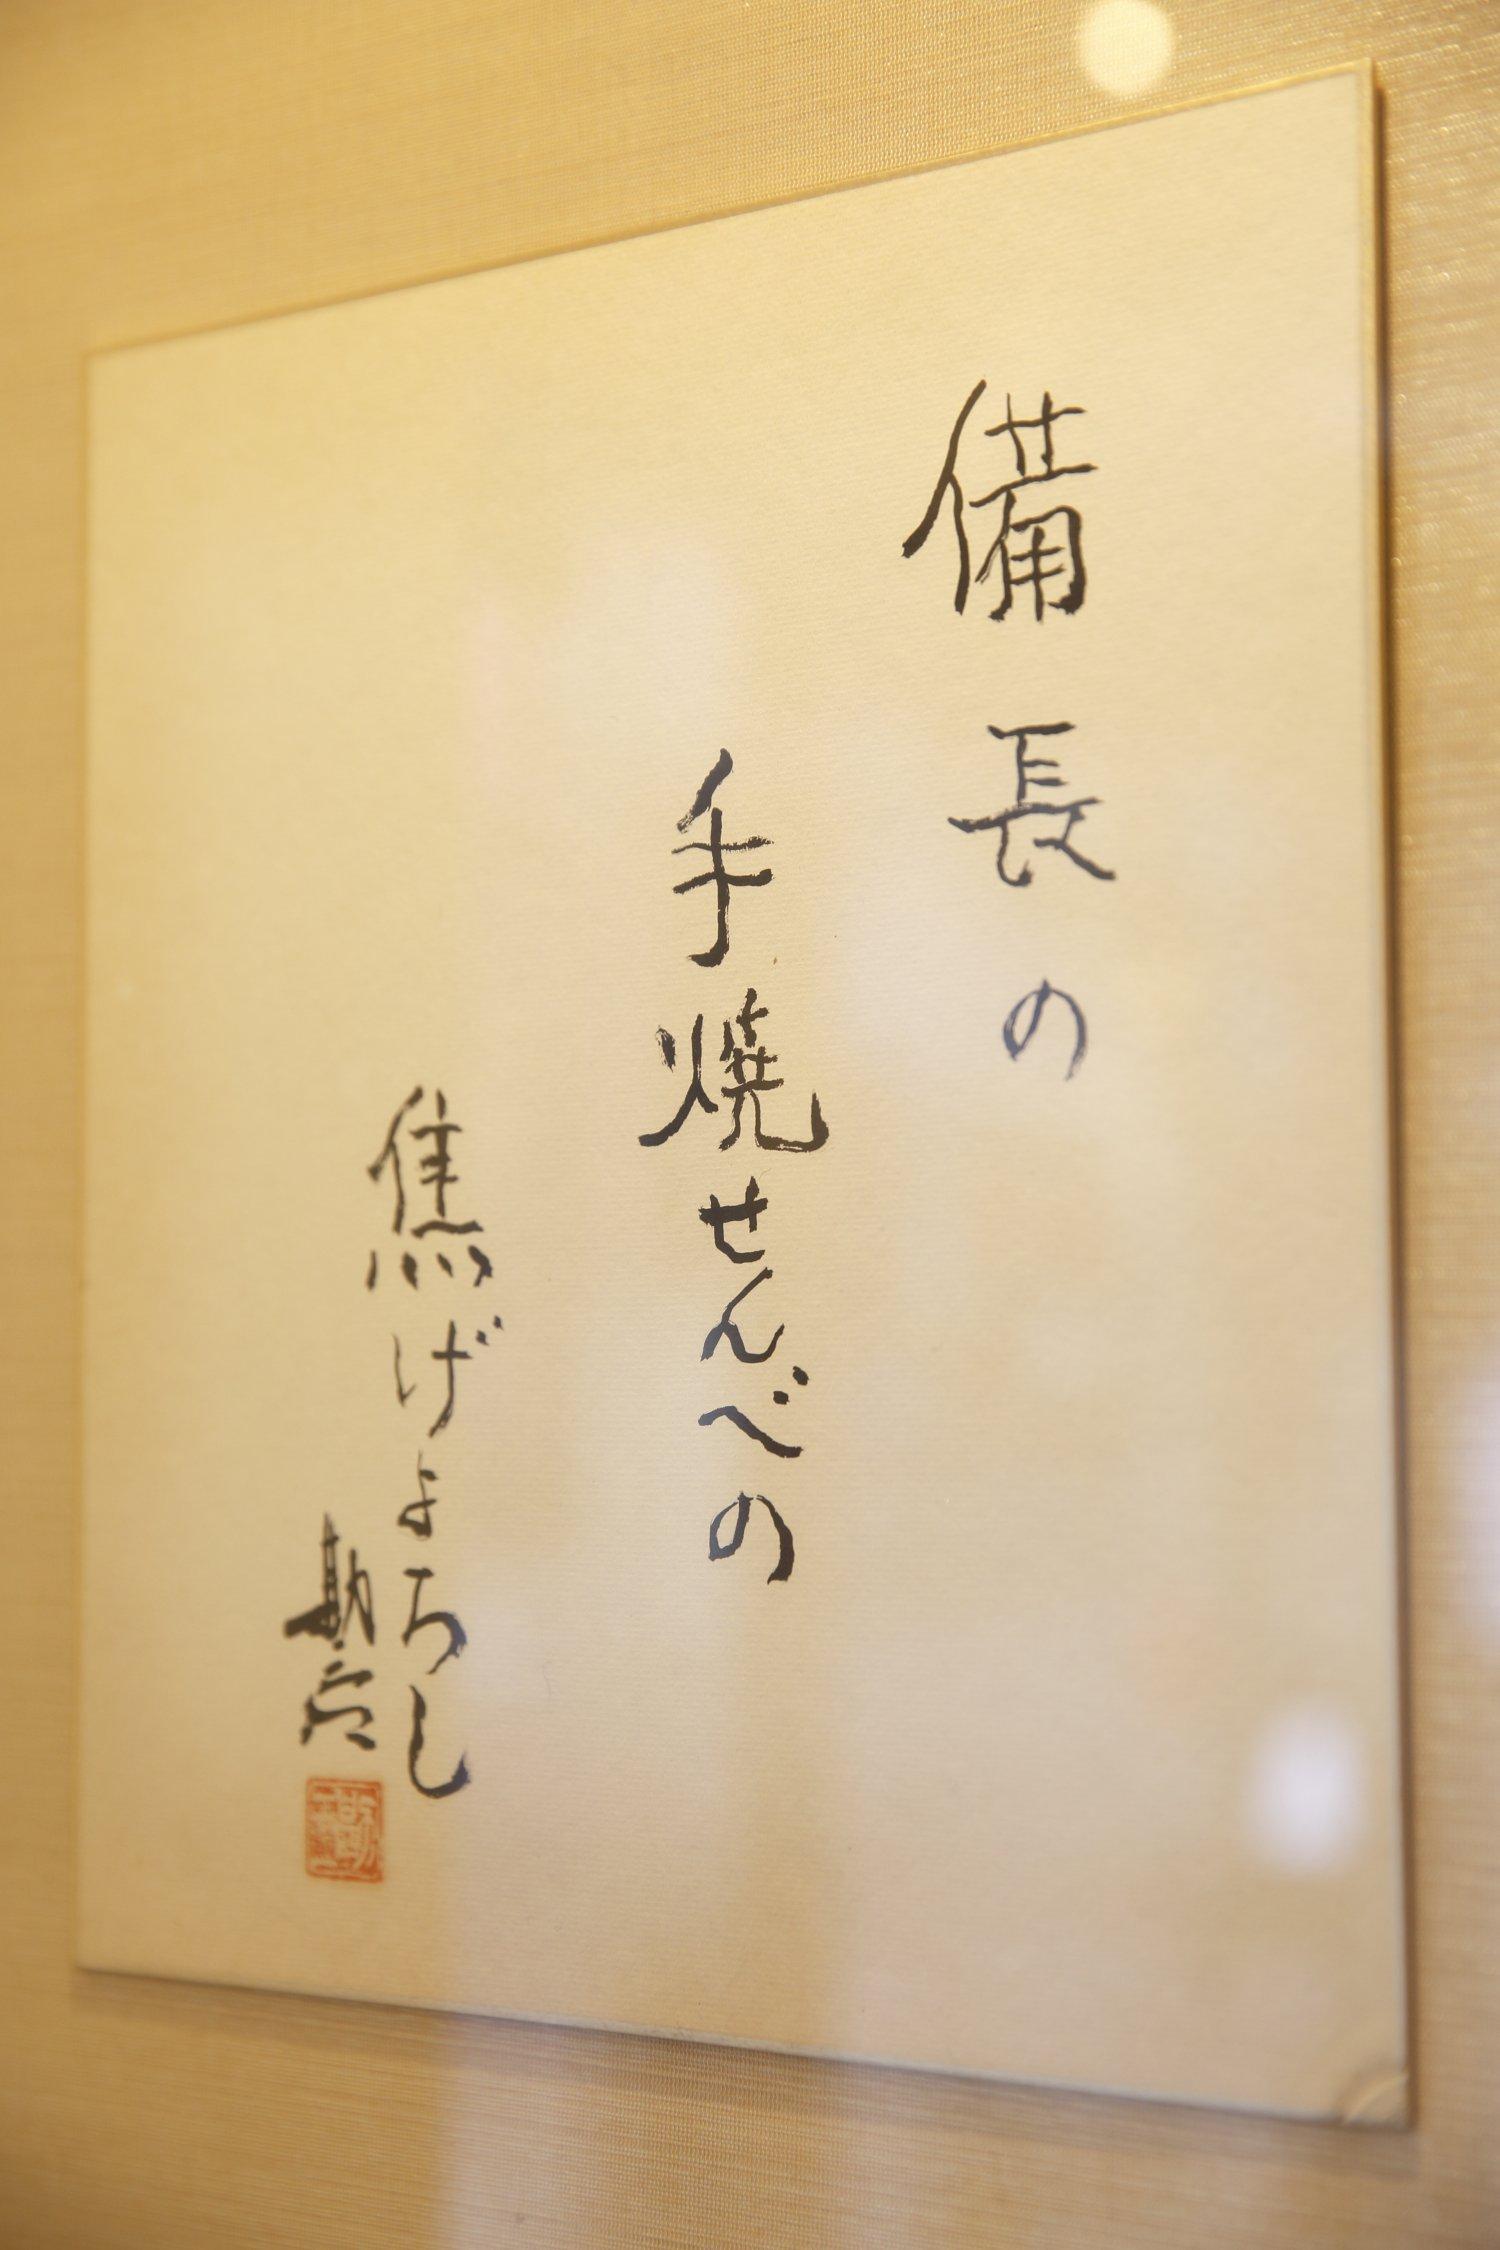 茶目っ気あふれる17世中村勘三郎丈の笑顔が見えるような一句。